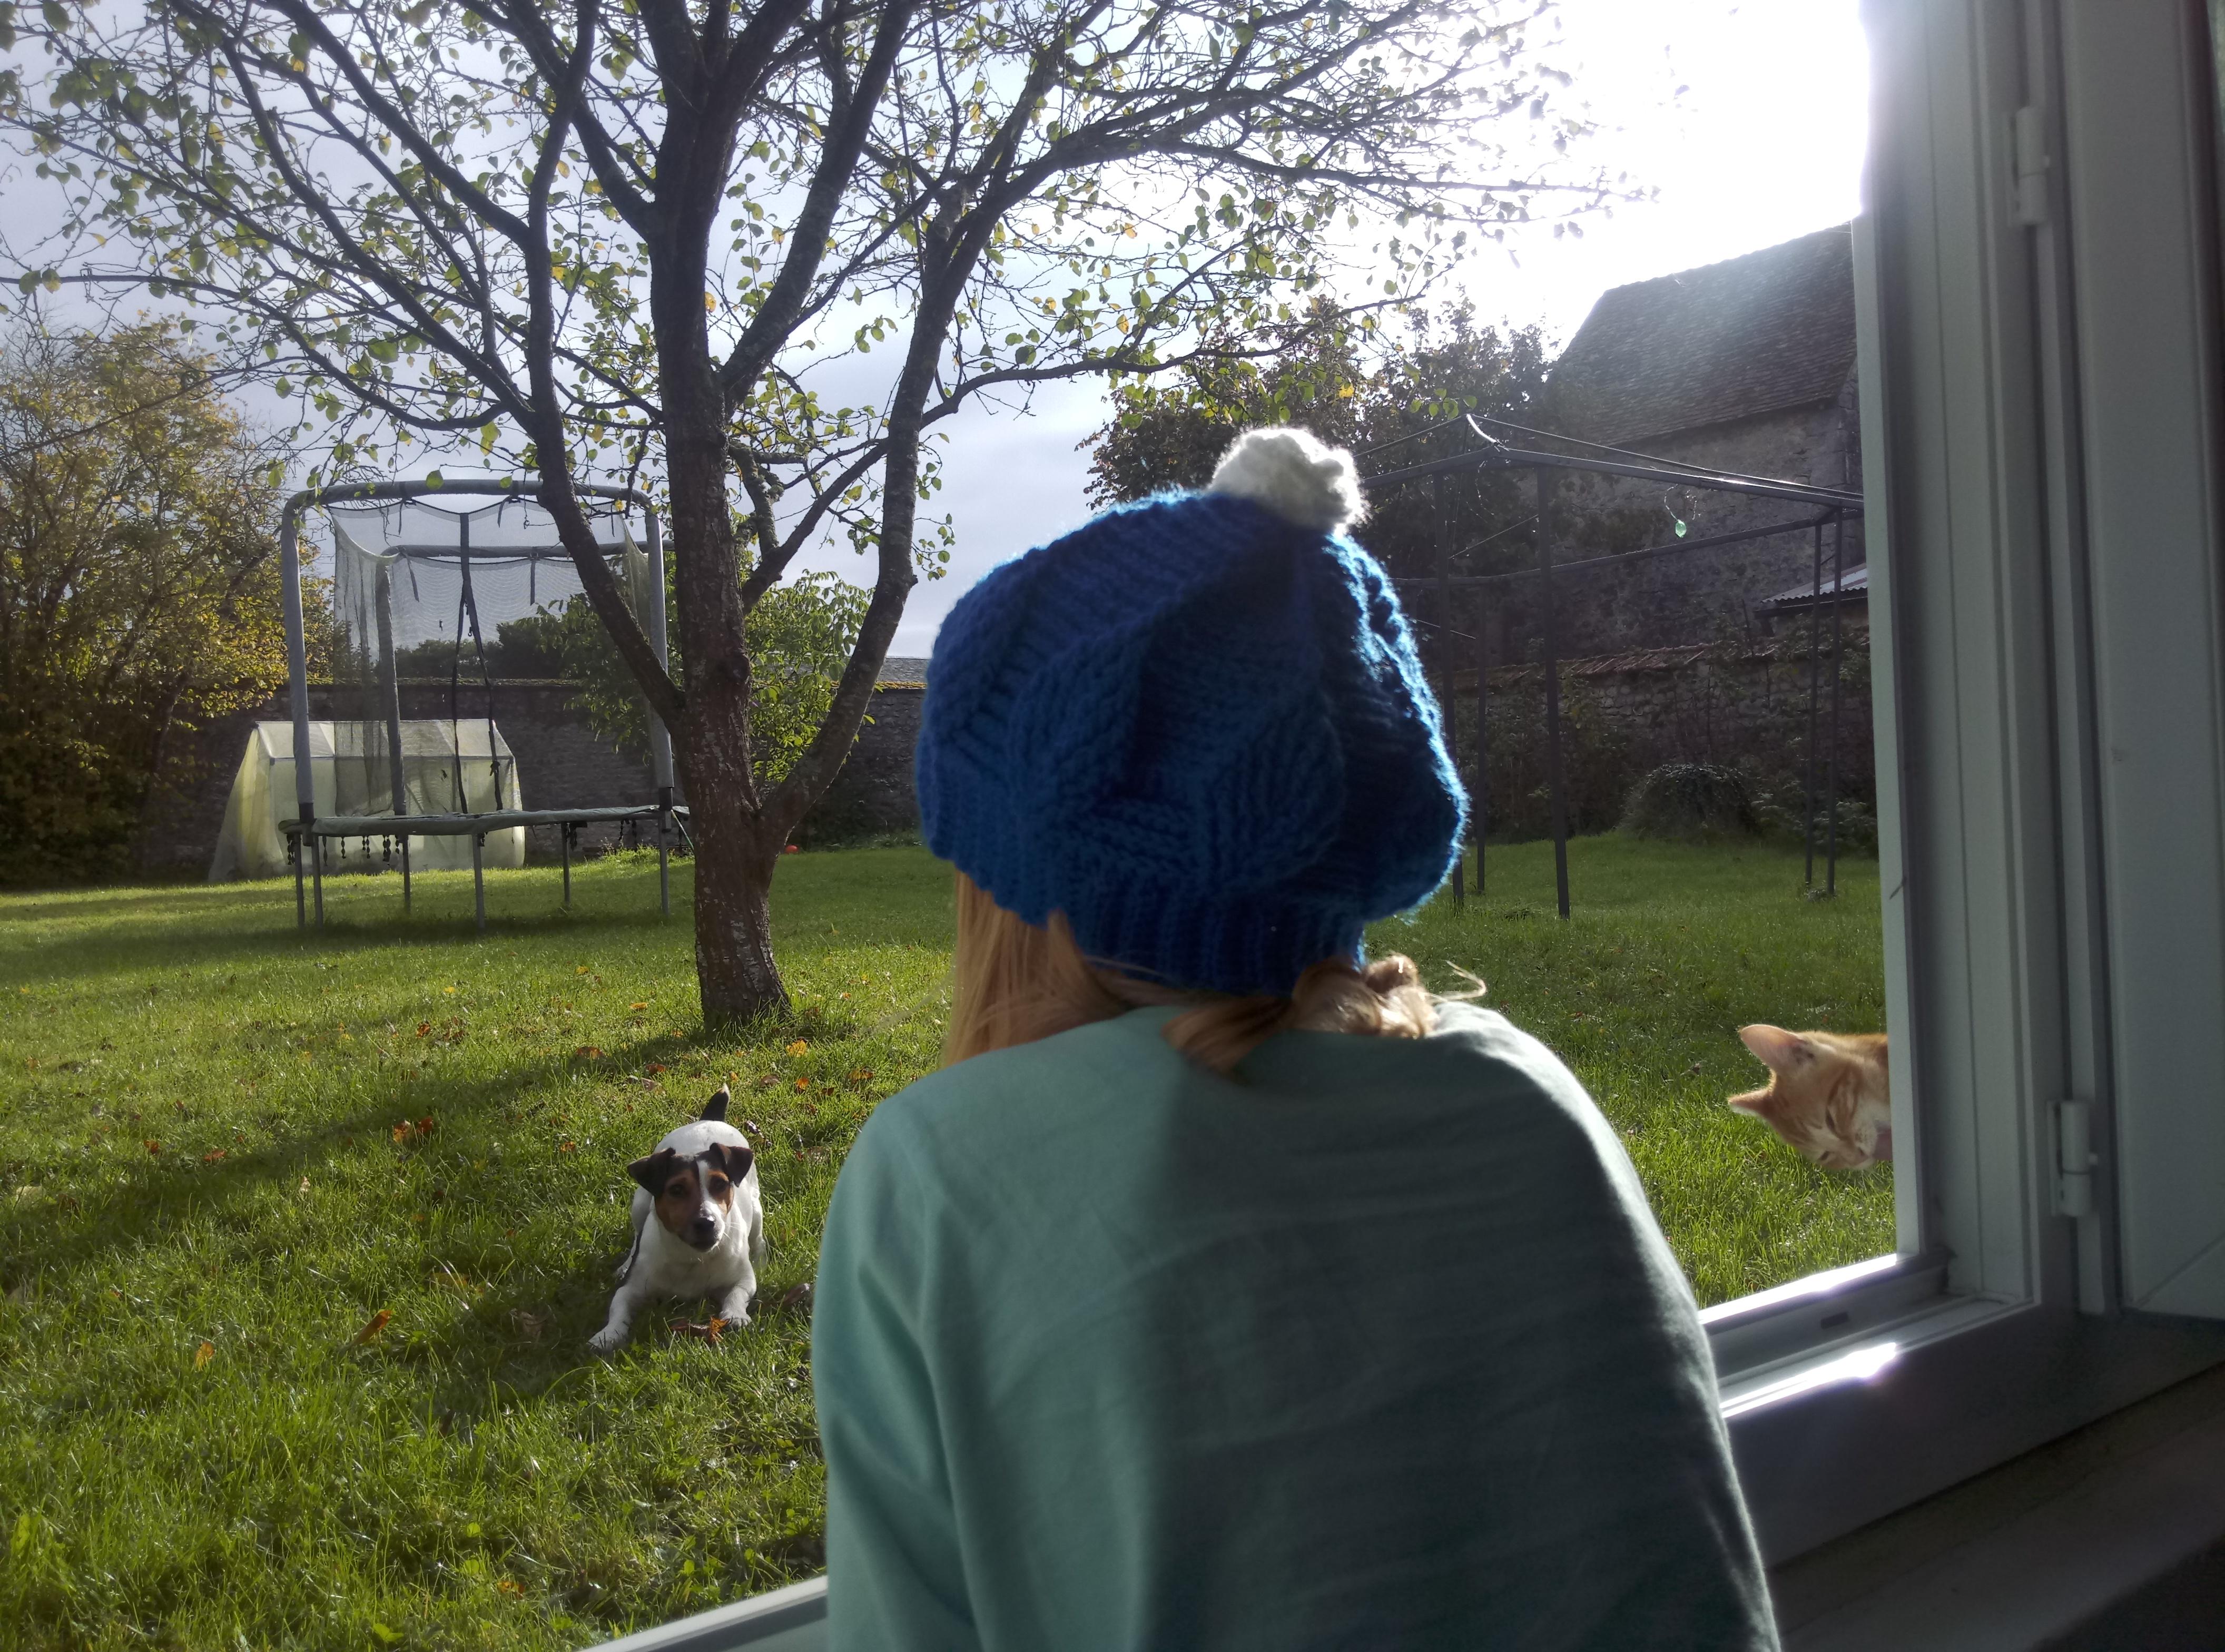 bonnet de belle maman le bazar de milipuce.jpg